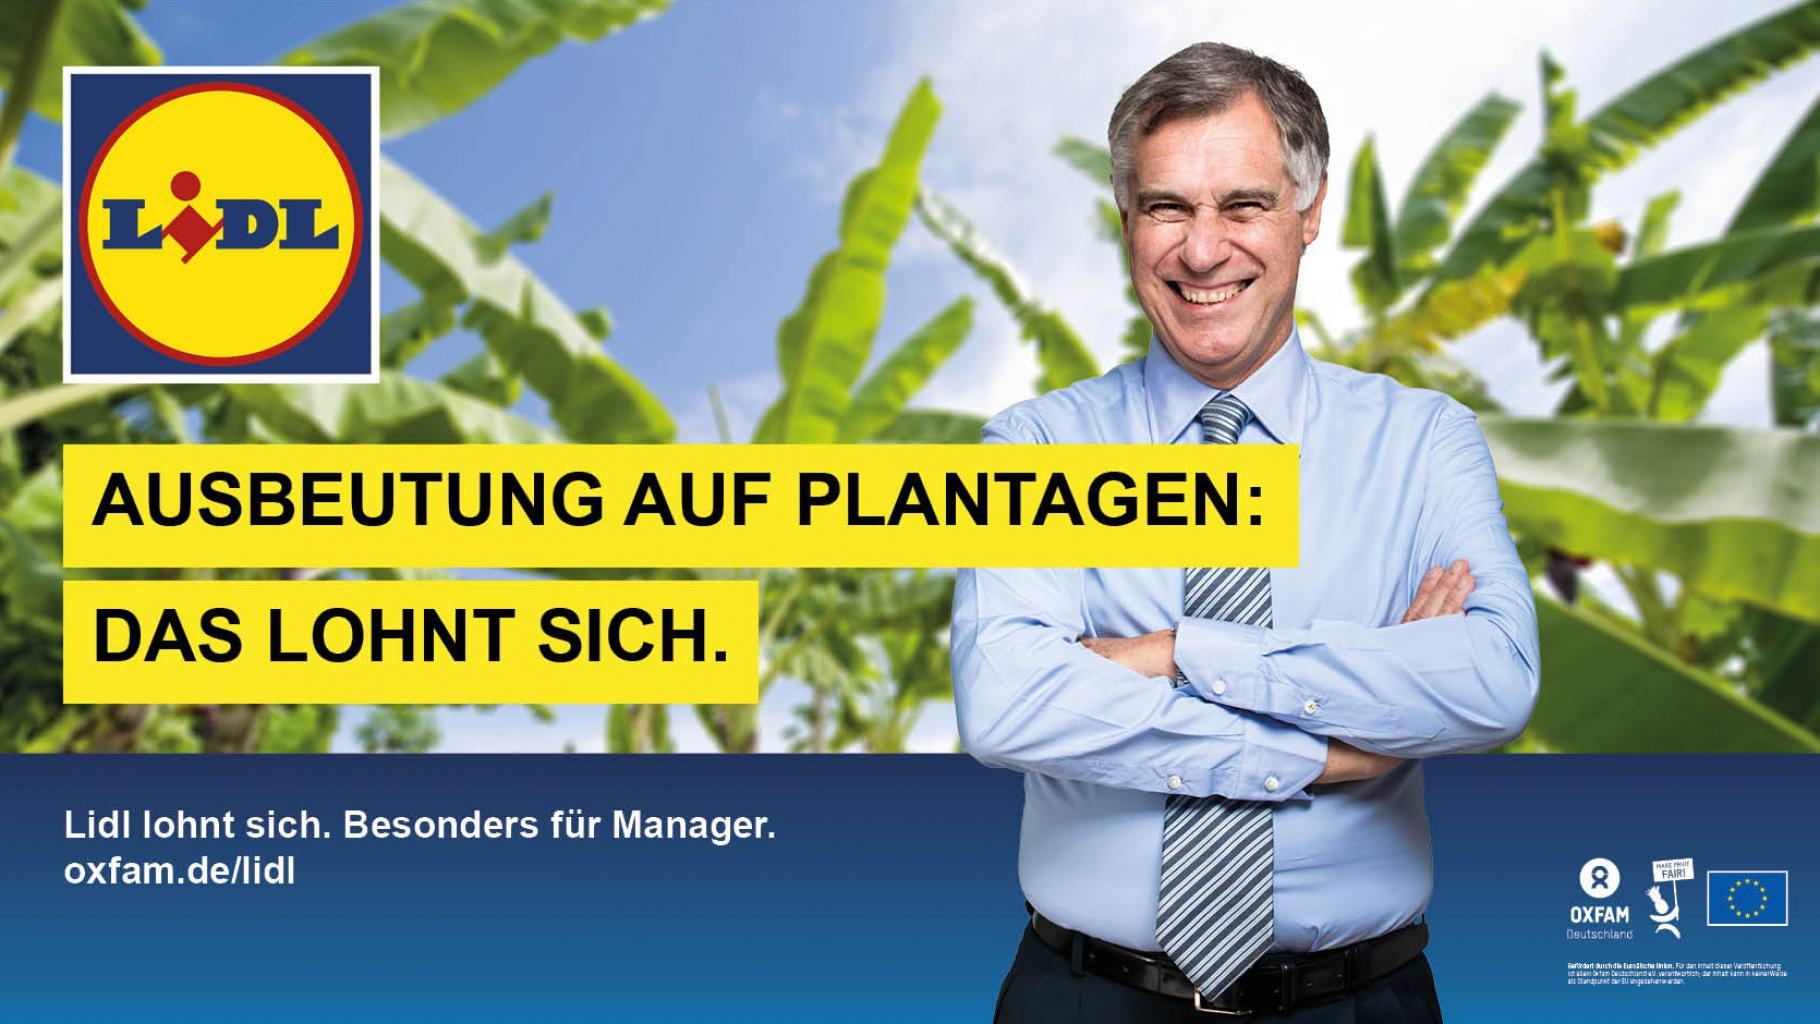 Ausbeutung auf Plantagen: Das lohnt sich. Lidl lohnt sich. Besonders für Manager. oxfam.de/lidl